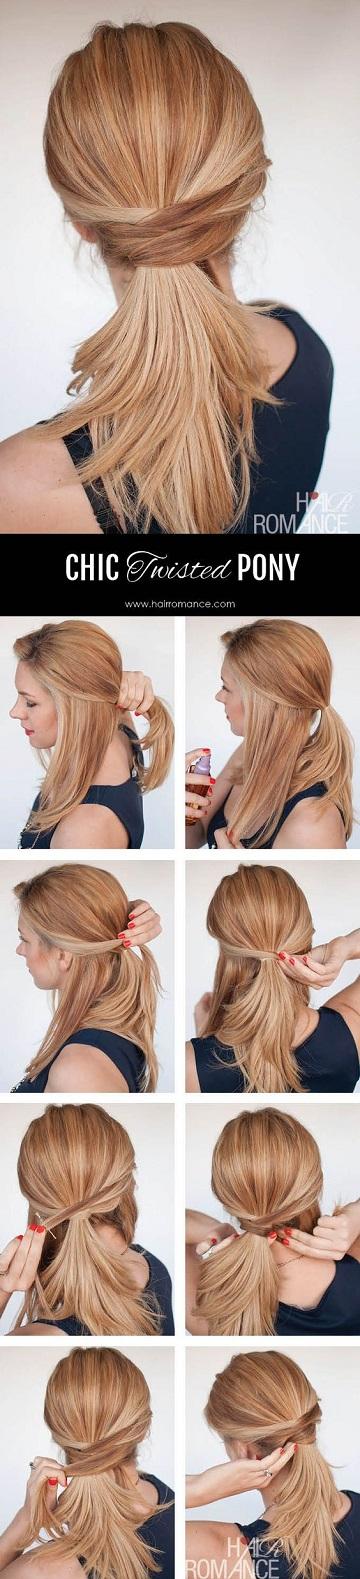 تسريحات الشعر الطويل-2